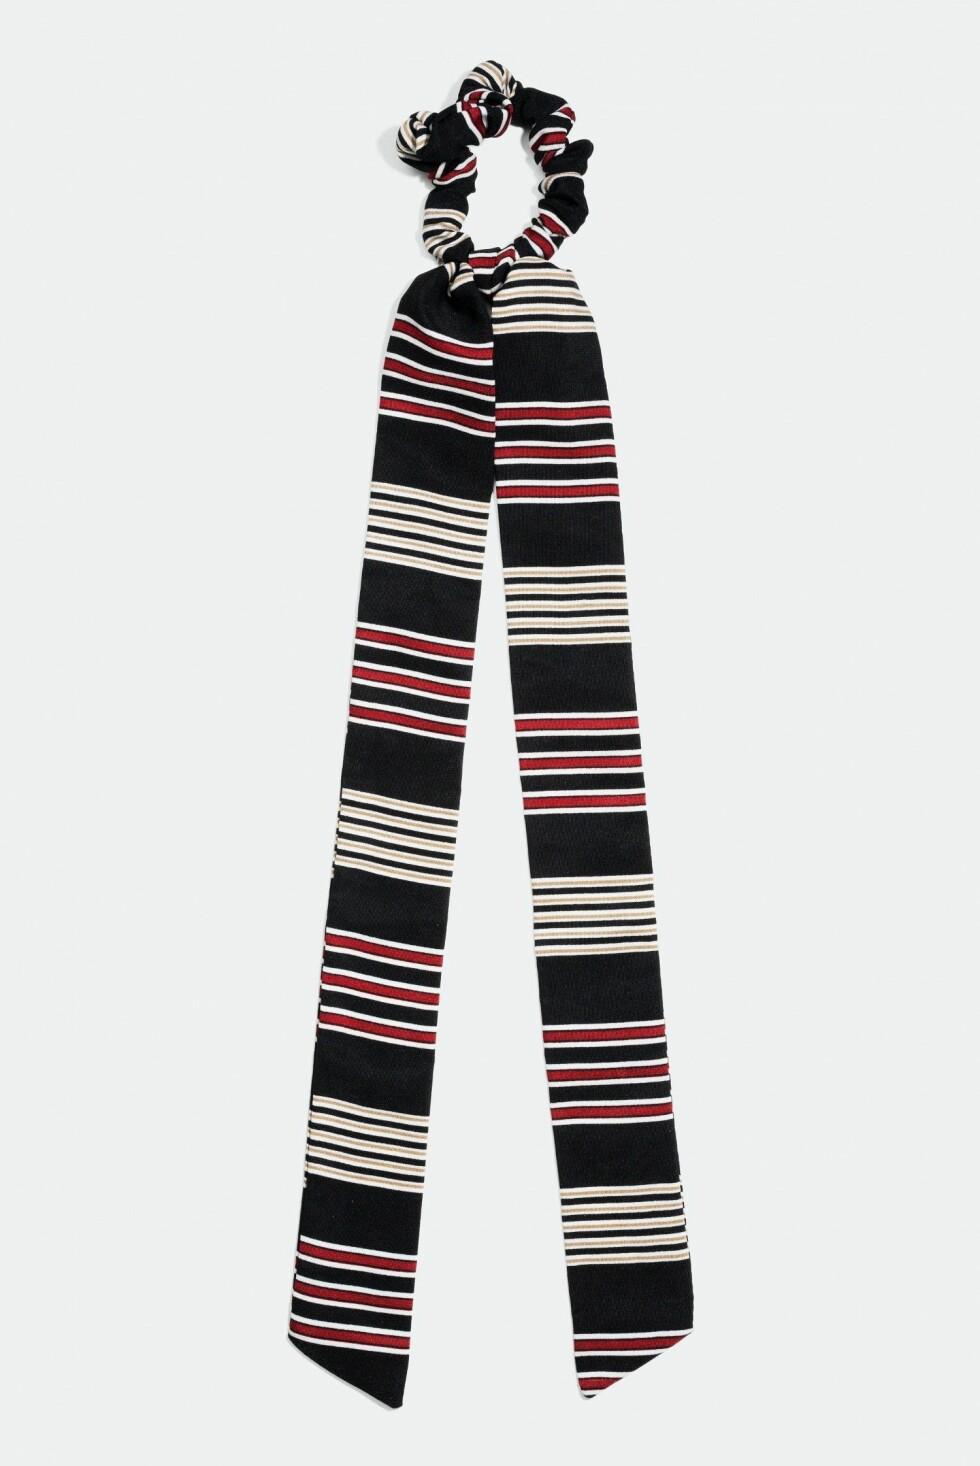 Scrunchie med knytefunksjon fra Glitter |80,-| https://www.glitter.no/scrunchie-med-knytefunksjon-stripete